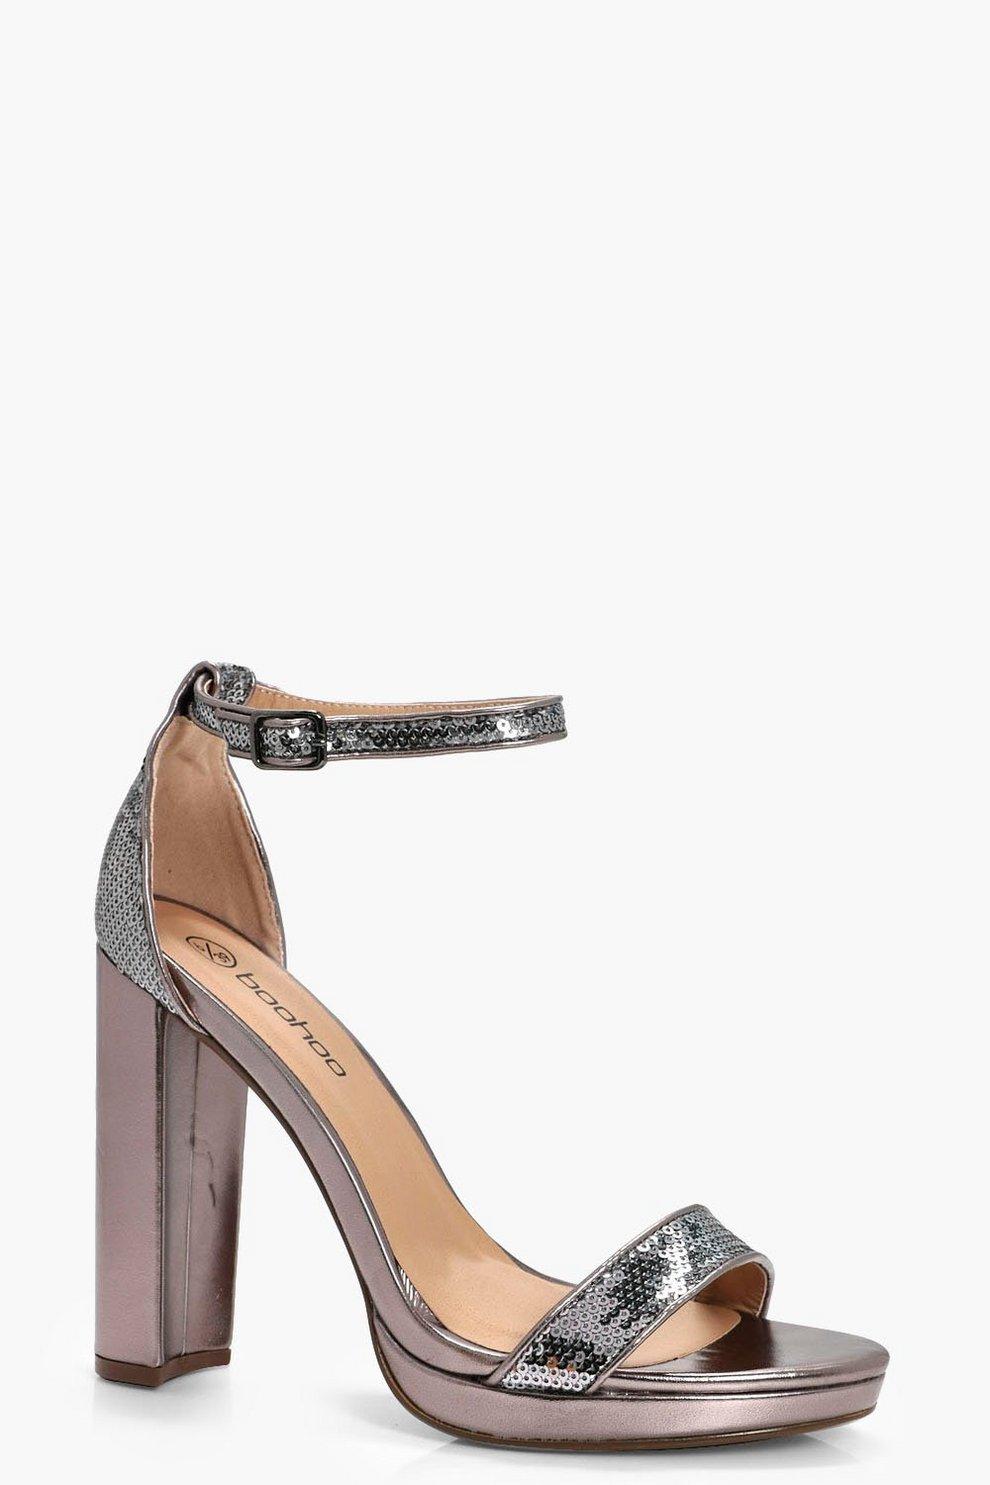 8c514a4895d Sequin Trim Block Platform Heels